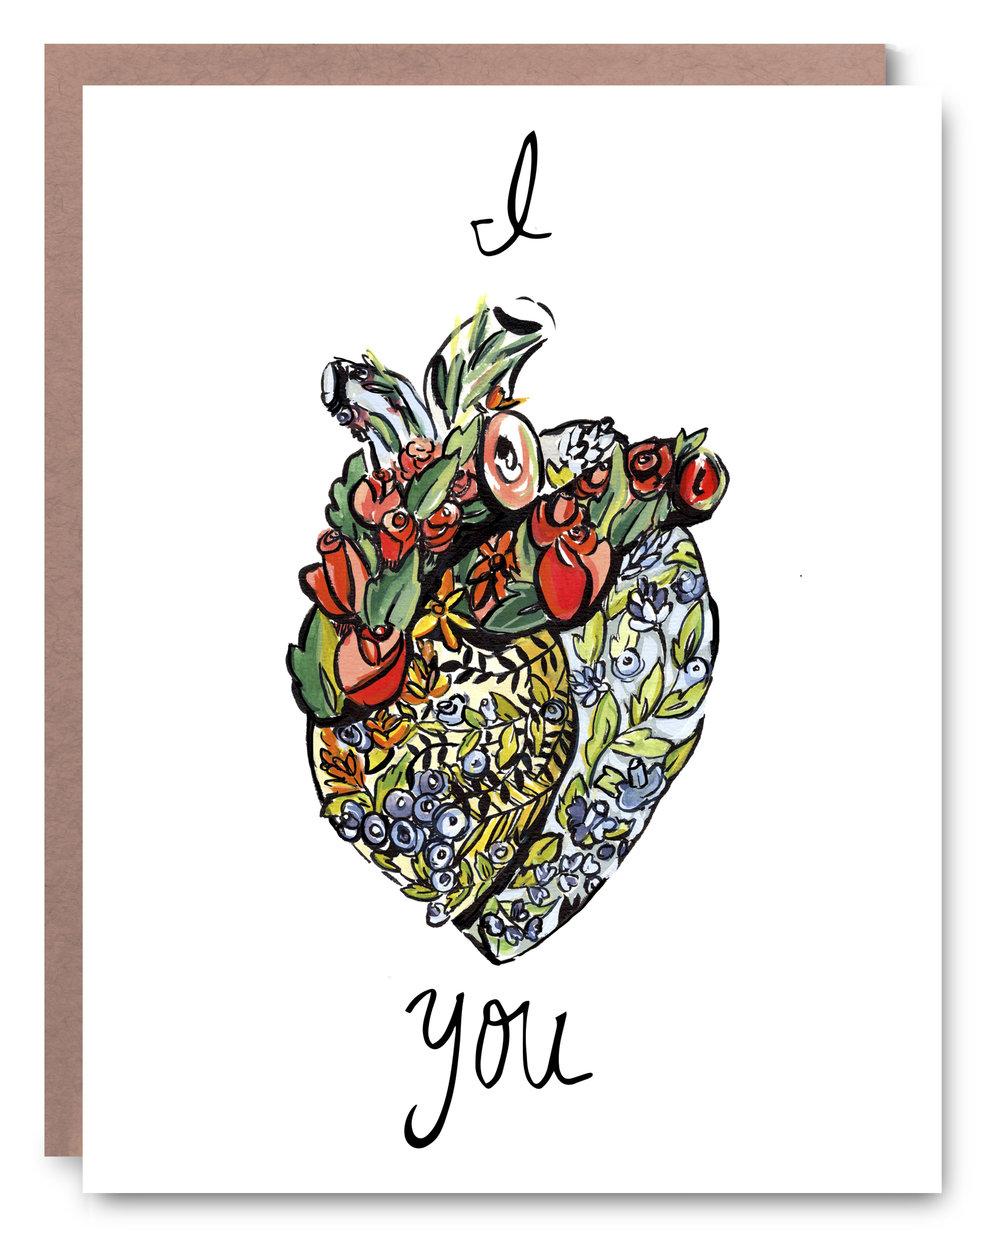 I Heart You - $5.00